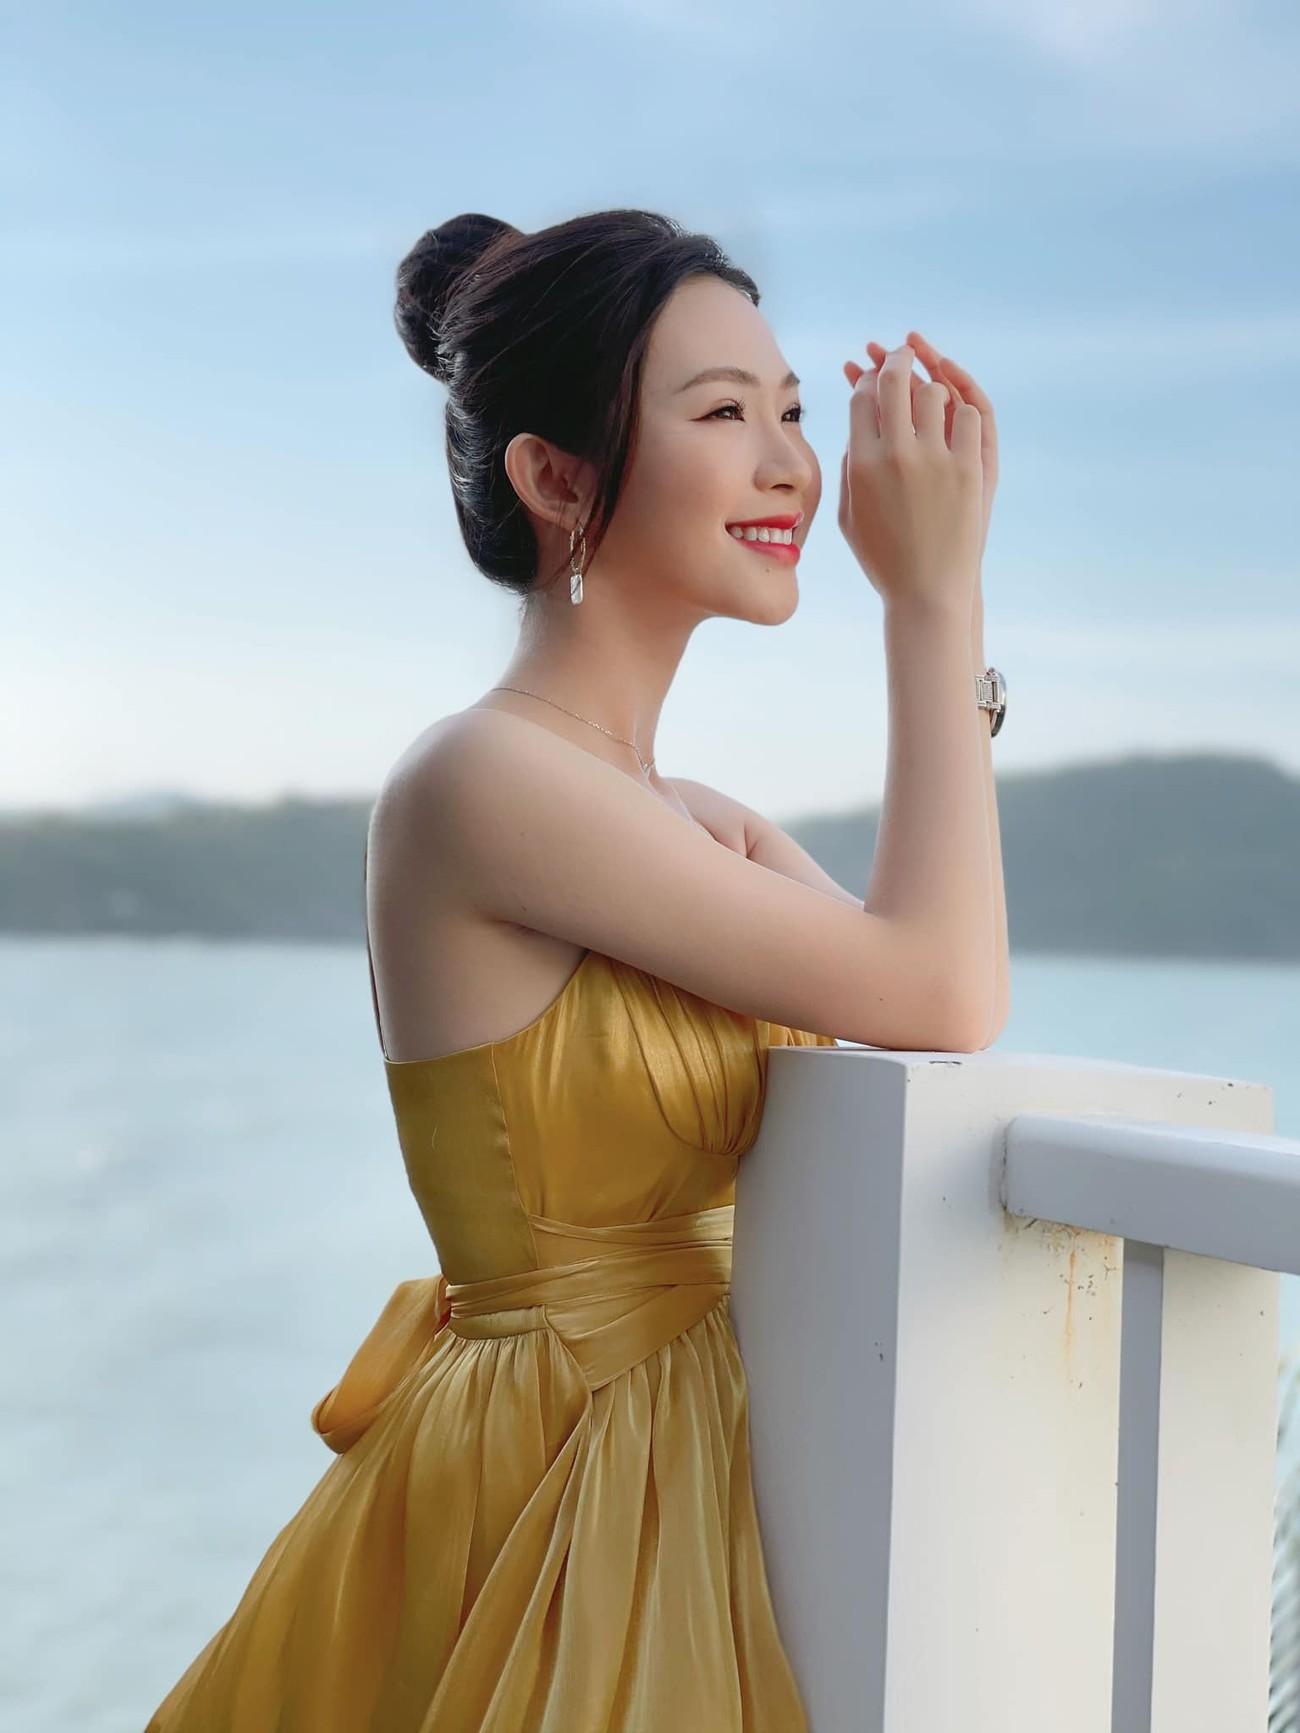 Nhan sắc tựa nàng thơ của 'Người đẹp được yêu thích nhất' Hoa hậu Việt Nam 2020 ảnh 2